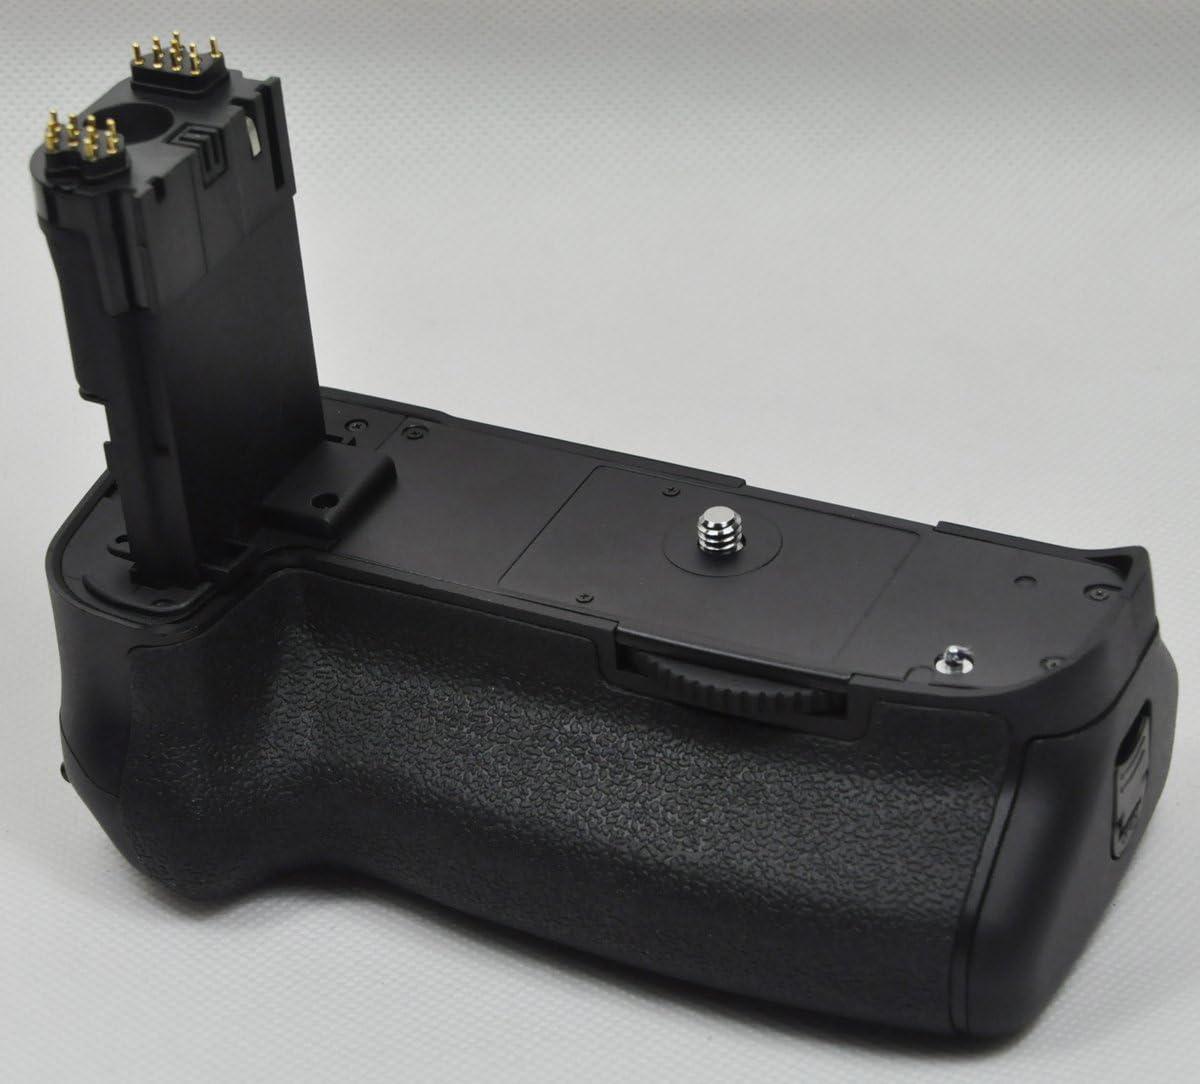 BG-E11 bge11 Battery Grip for eos 5d Mark iii 3 5d3 DSLR Camera